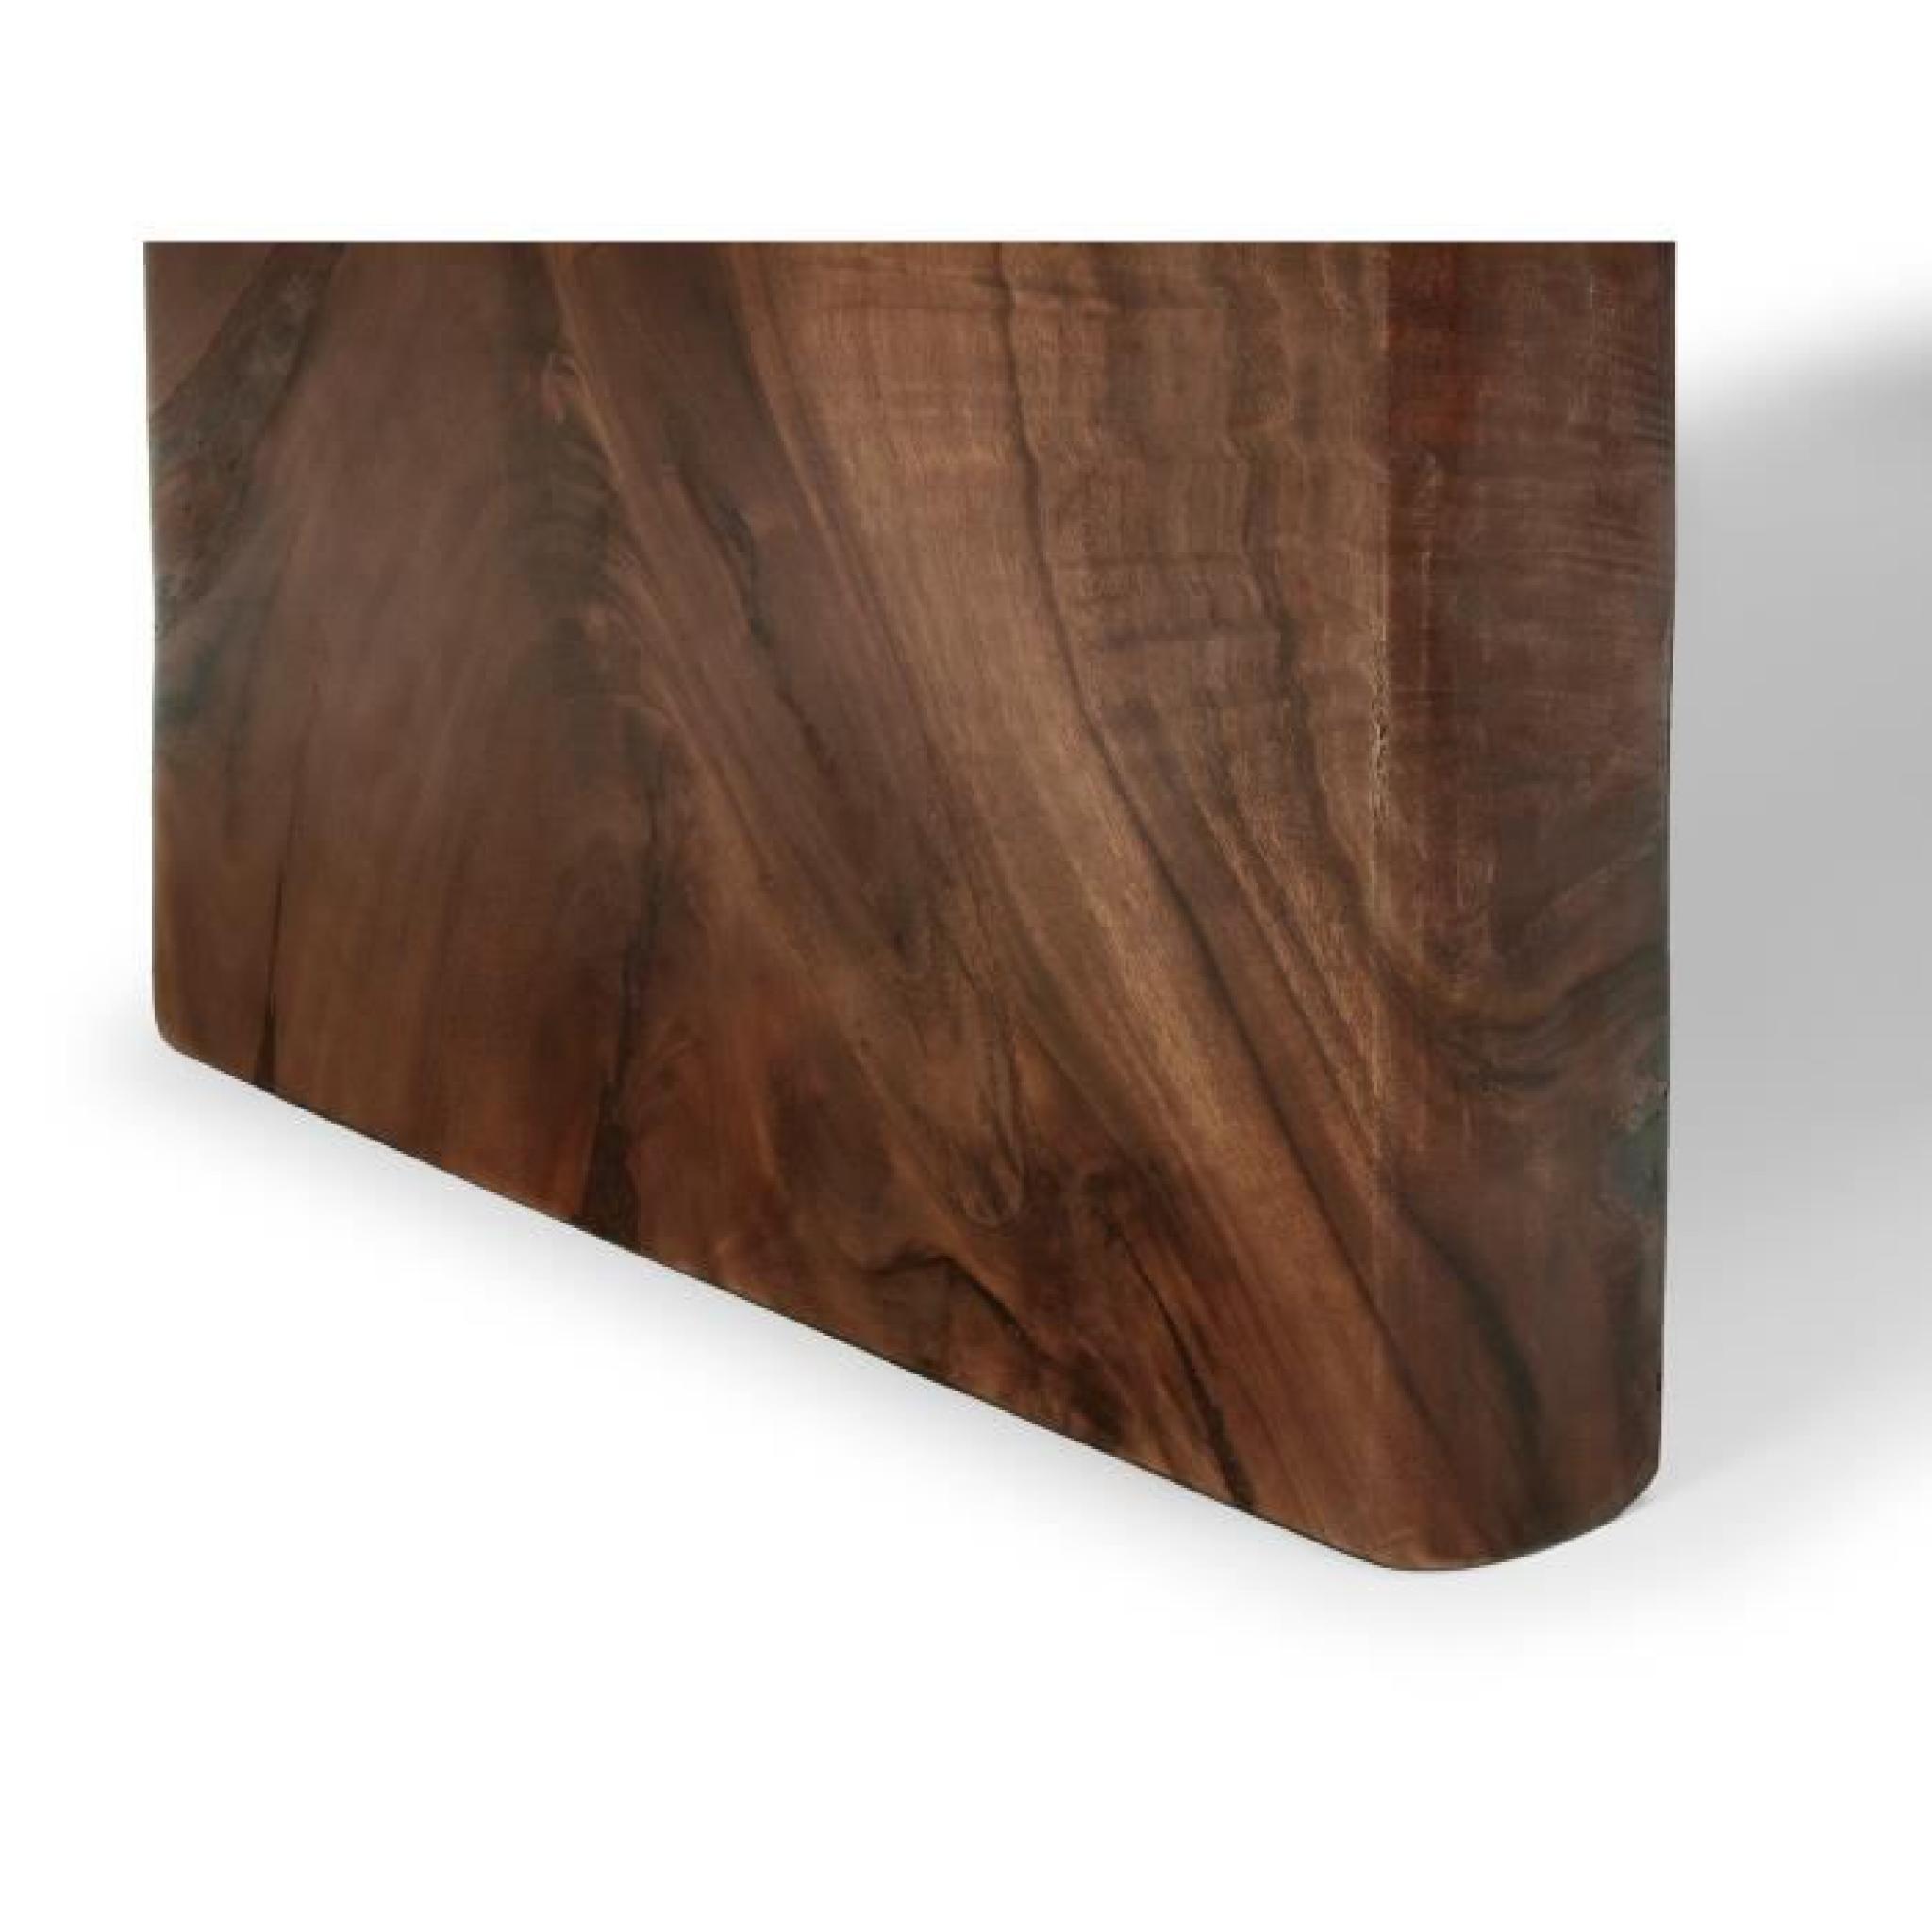 Table manger one piece 200x120 en bois de suar massif for Salle a manger bois massif pas cher